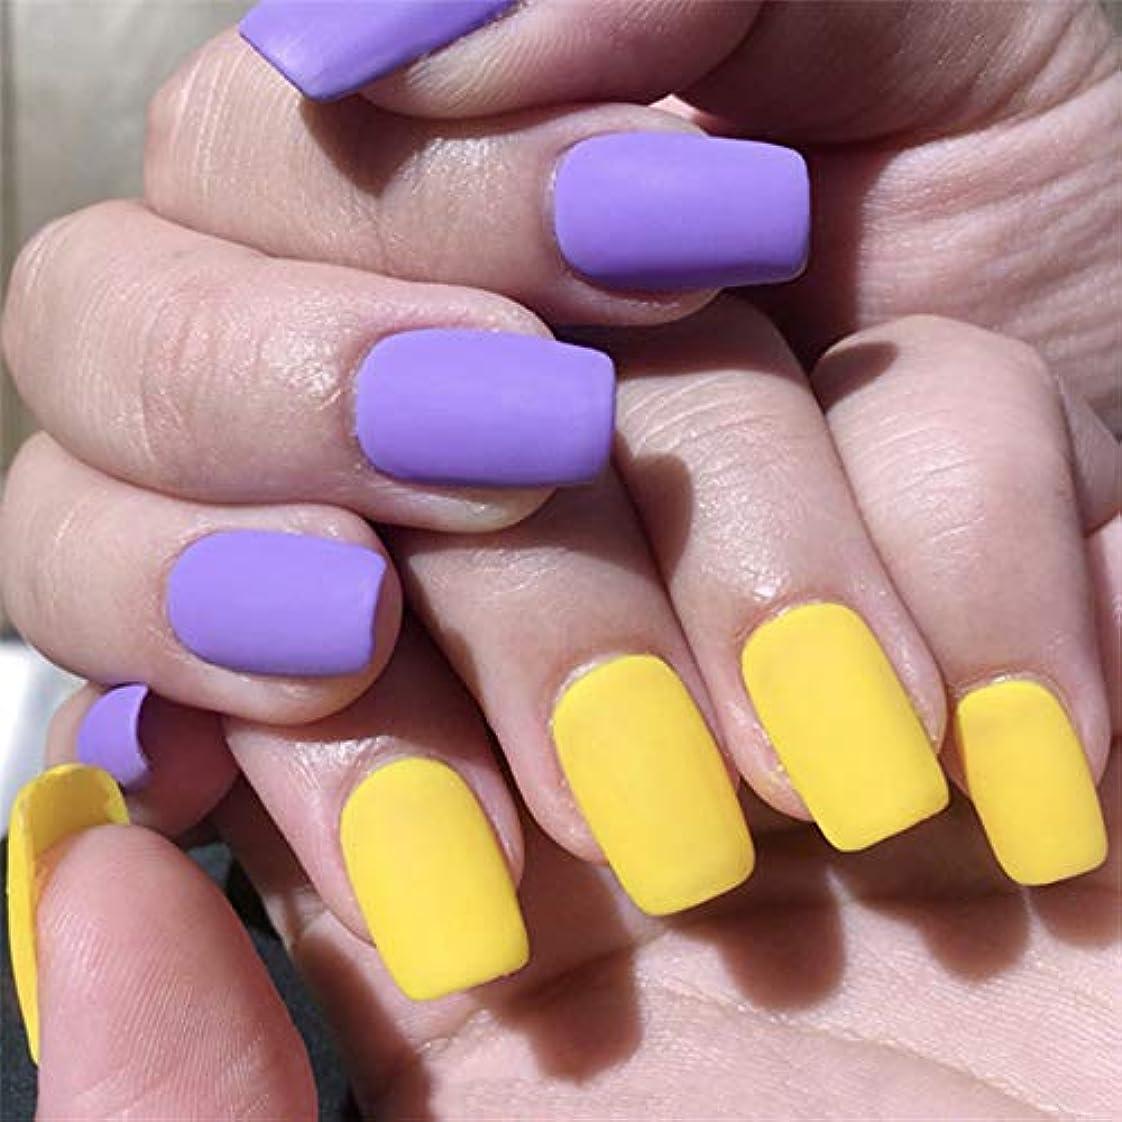 うるさい視力三番XUTXZKA 24ピース偽爪黄色紫マットヒールマルチカラーブライダル偽爪人工自己接着チップステッカー